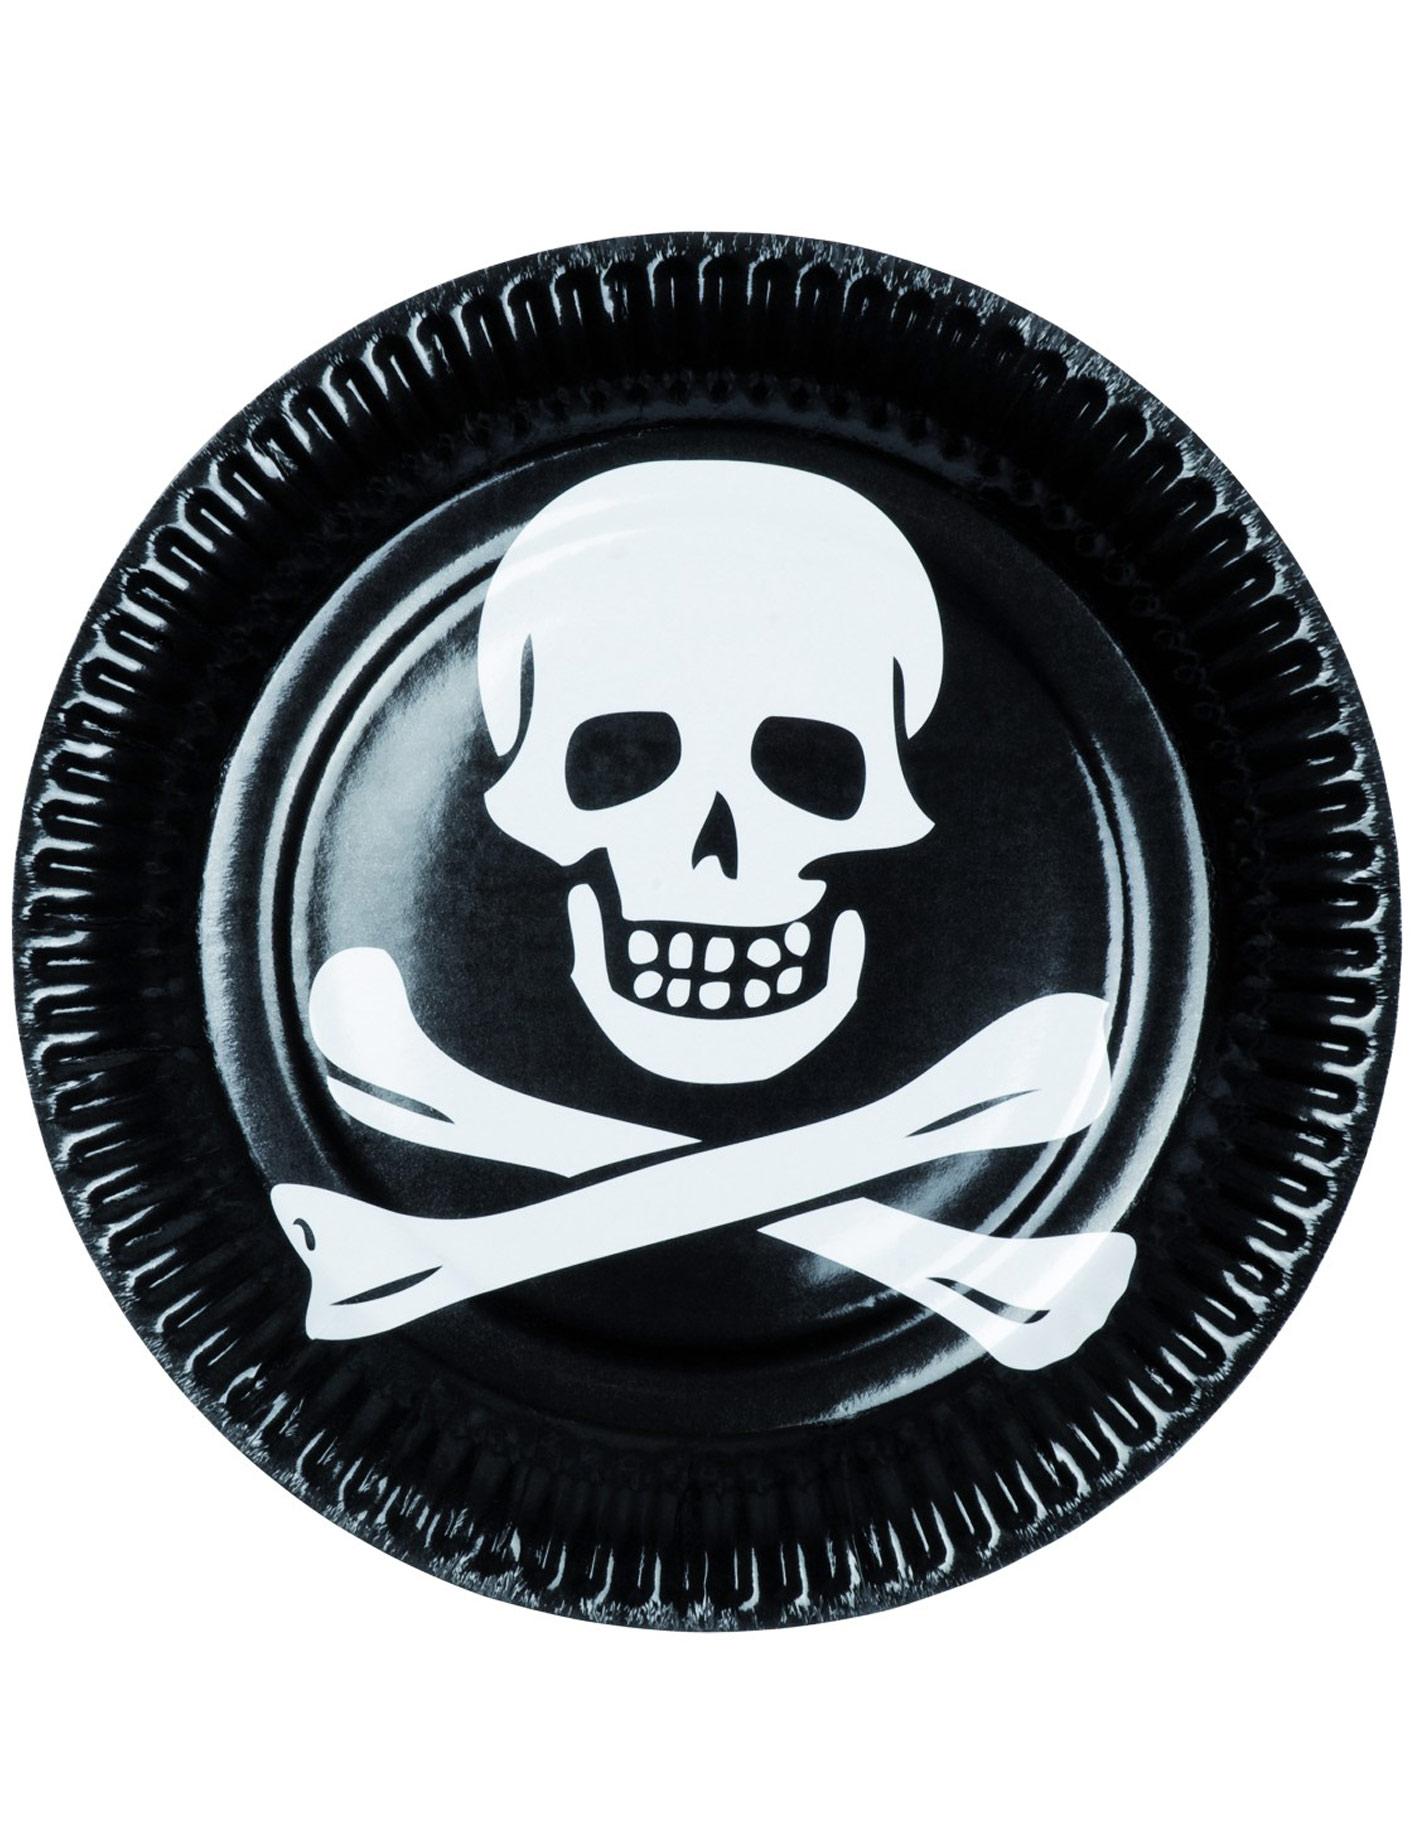 6 assiettes pirates noir et blanc d coration anniversaire et f tes th me sur vegaoo party. Black Bedroom Furniture Sets. Home Design Ideas